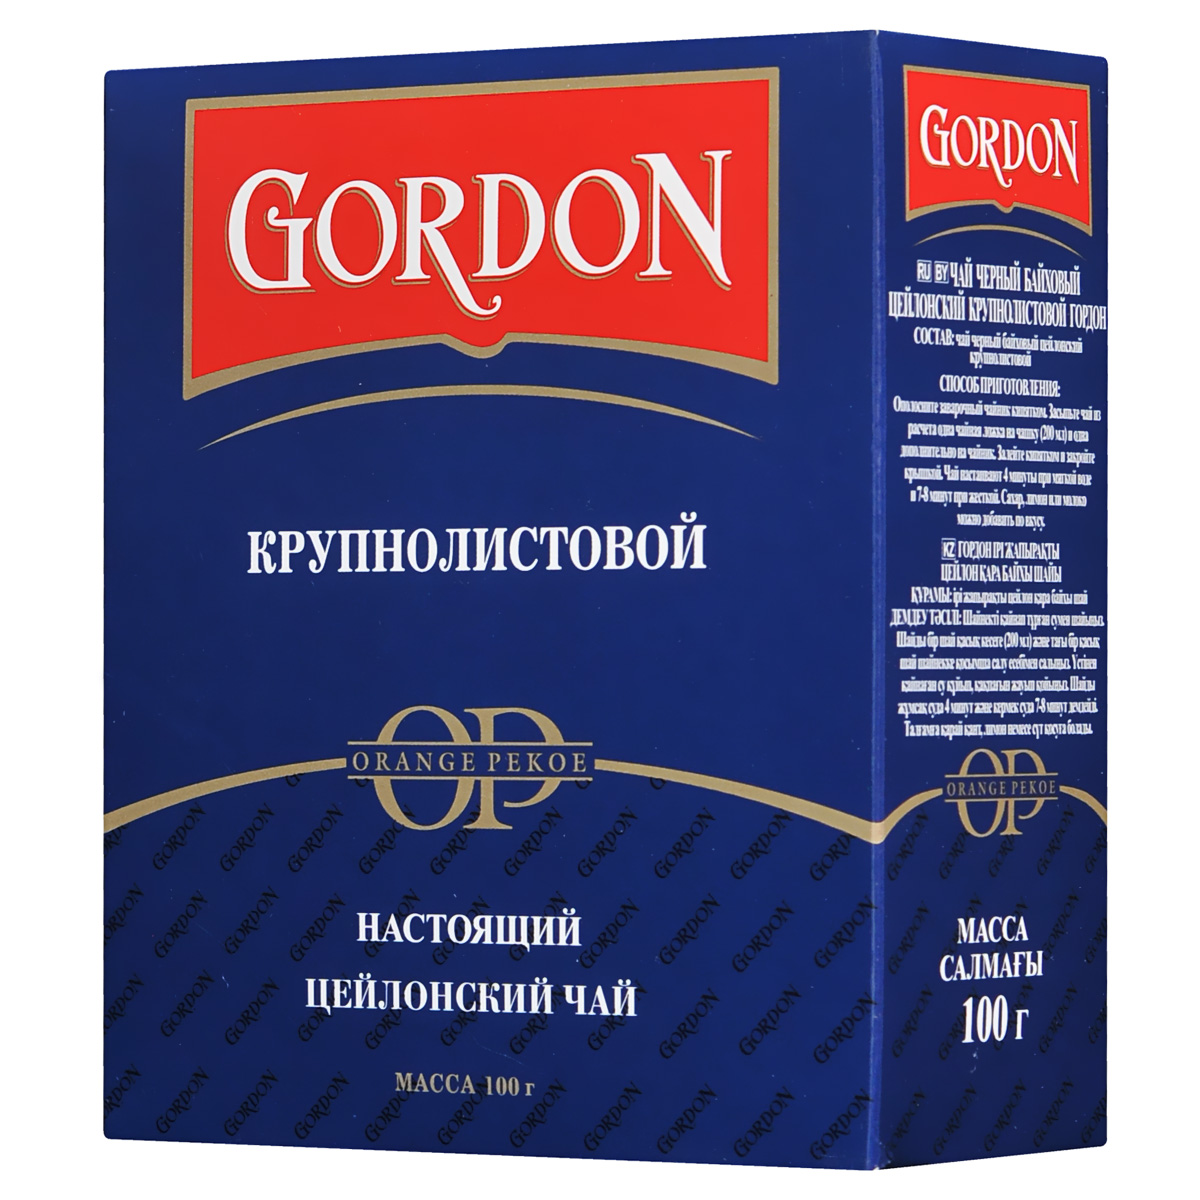 Gordon черный крупнолистовой чай, 100 г1060077Черный крупнолистовой чейлонский чай Gordon обладает мягким вкусом и нежным ароматом, великолепно подходящим для вечернего семейного чаепития.